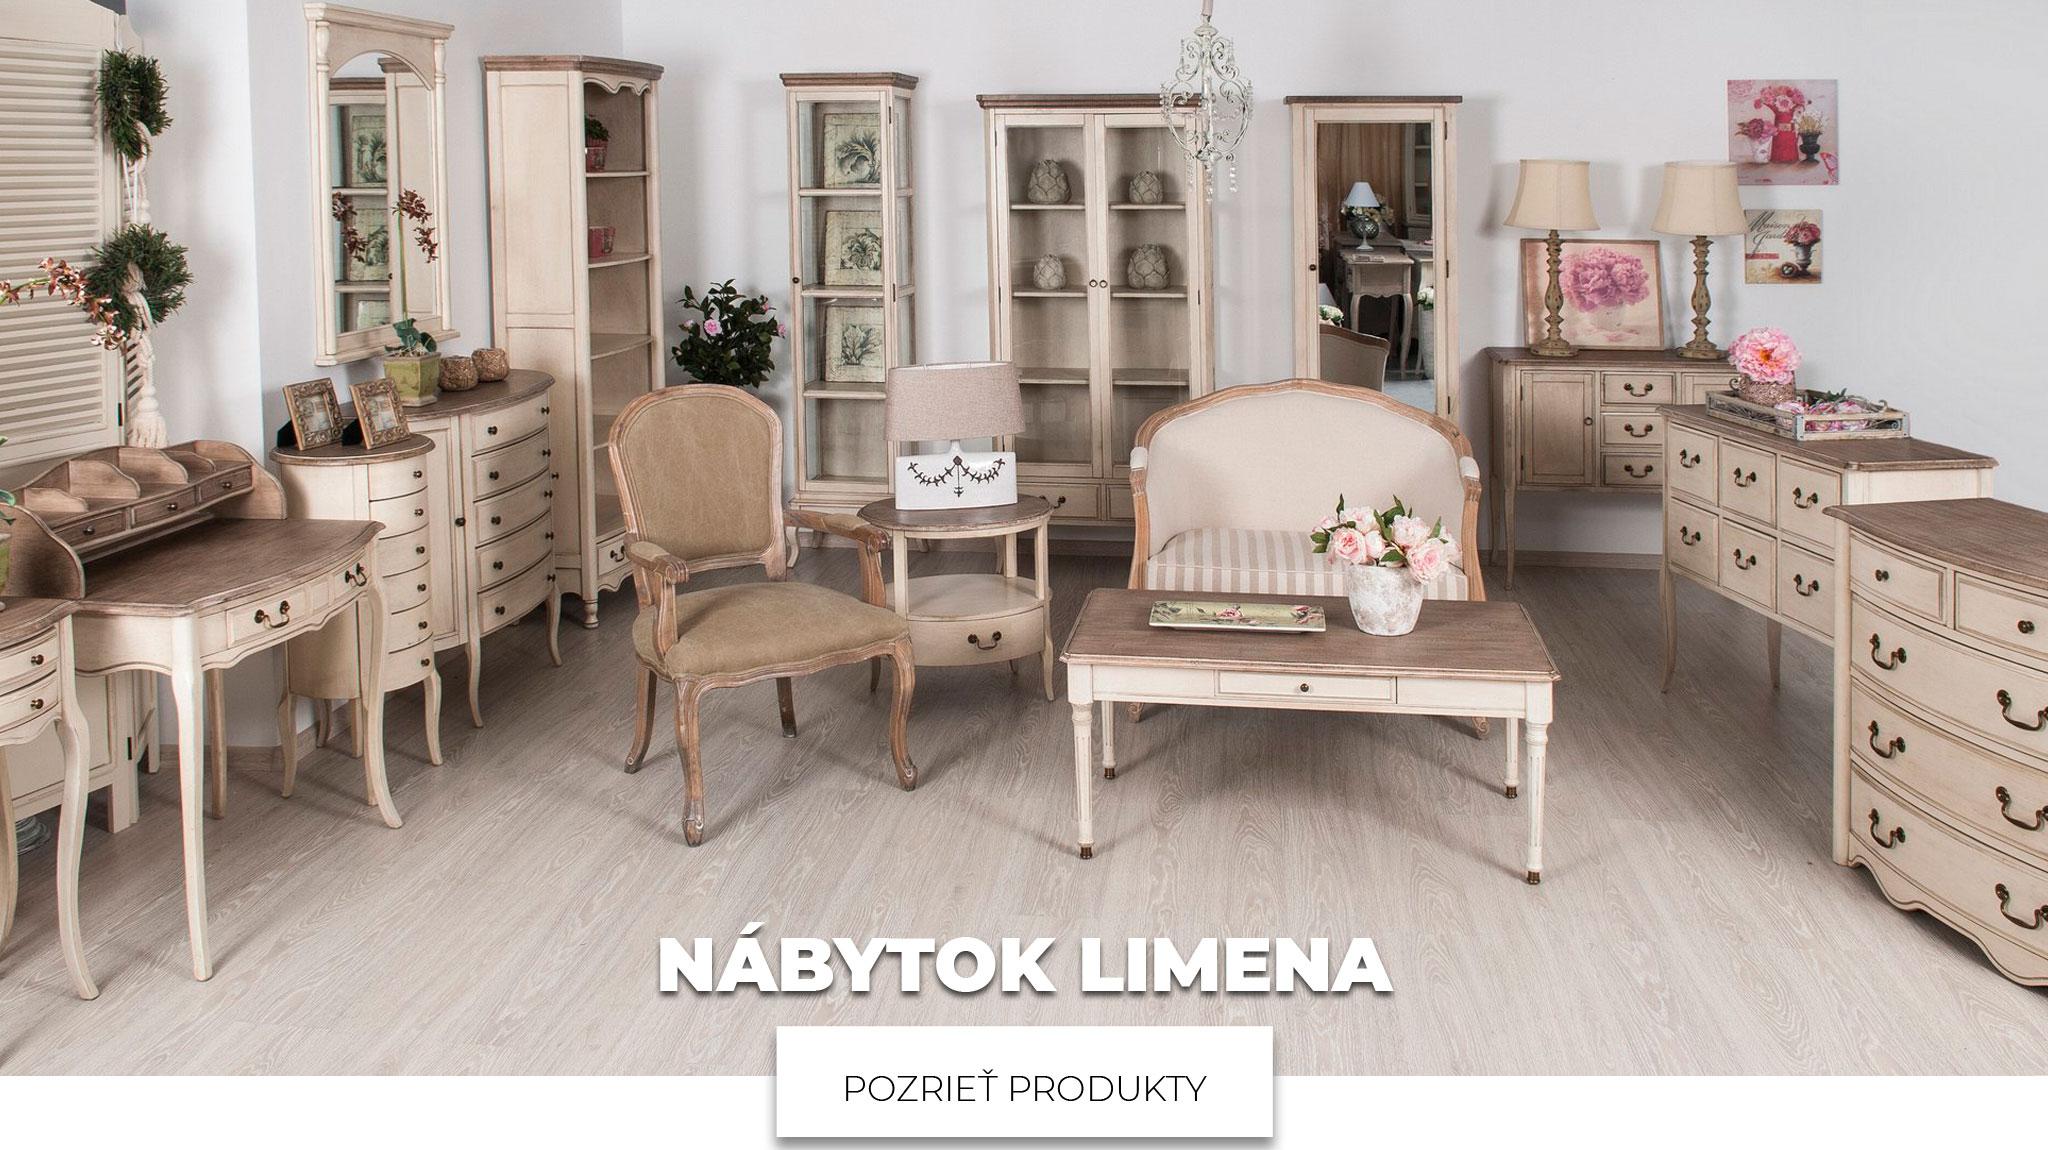 CLANOK-PROVENSALSKY-STYL-BYVANIA-Limena-nabytok